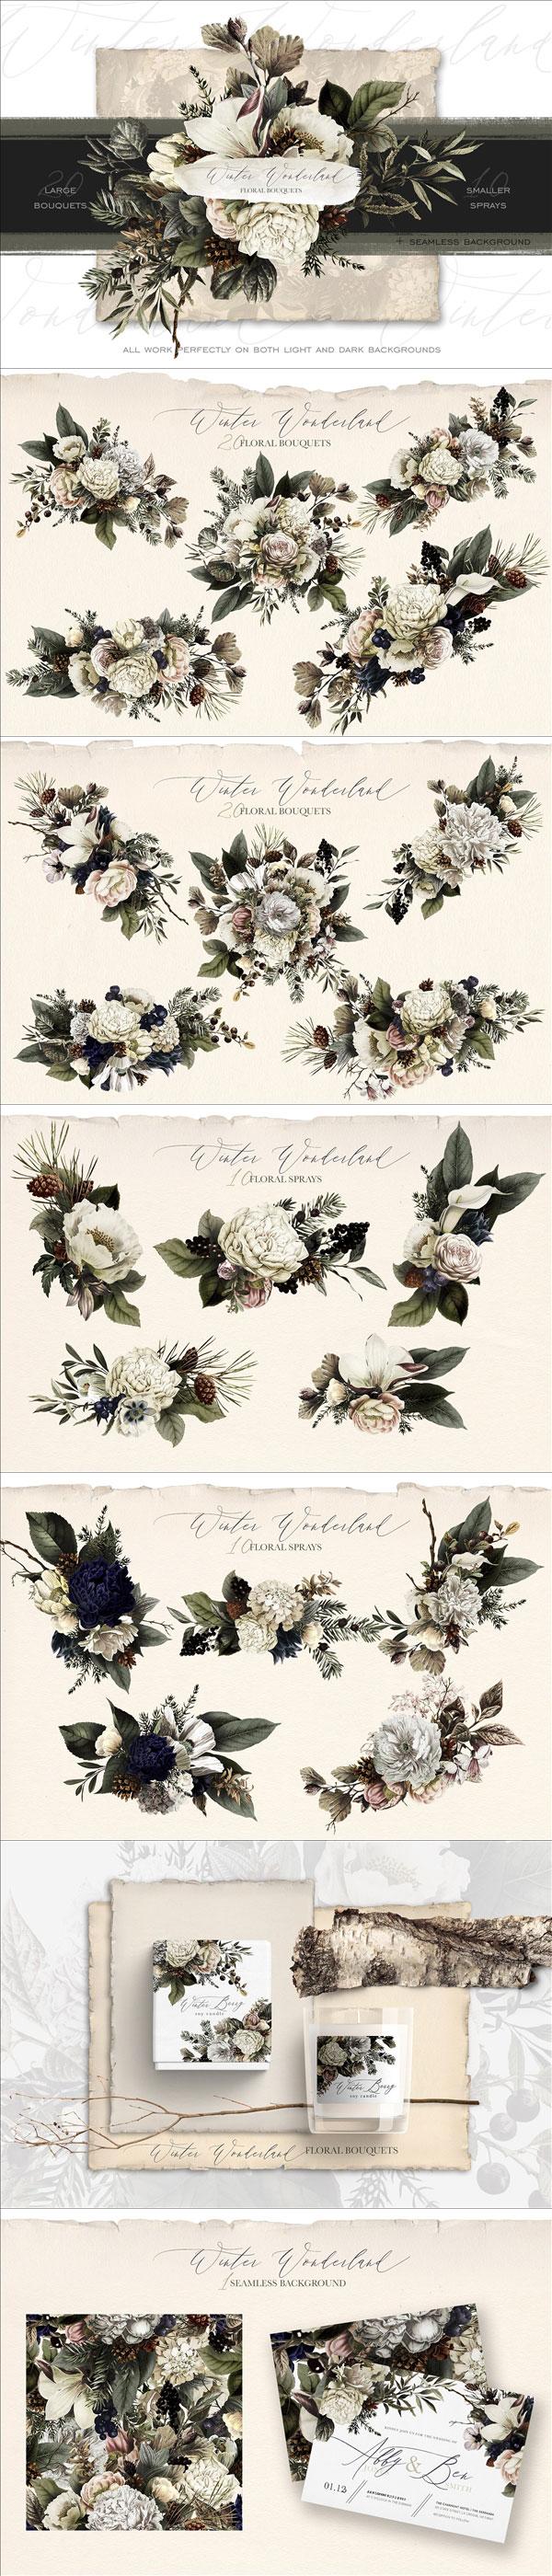 典雅冬季花束插画